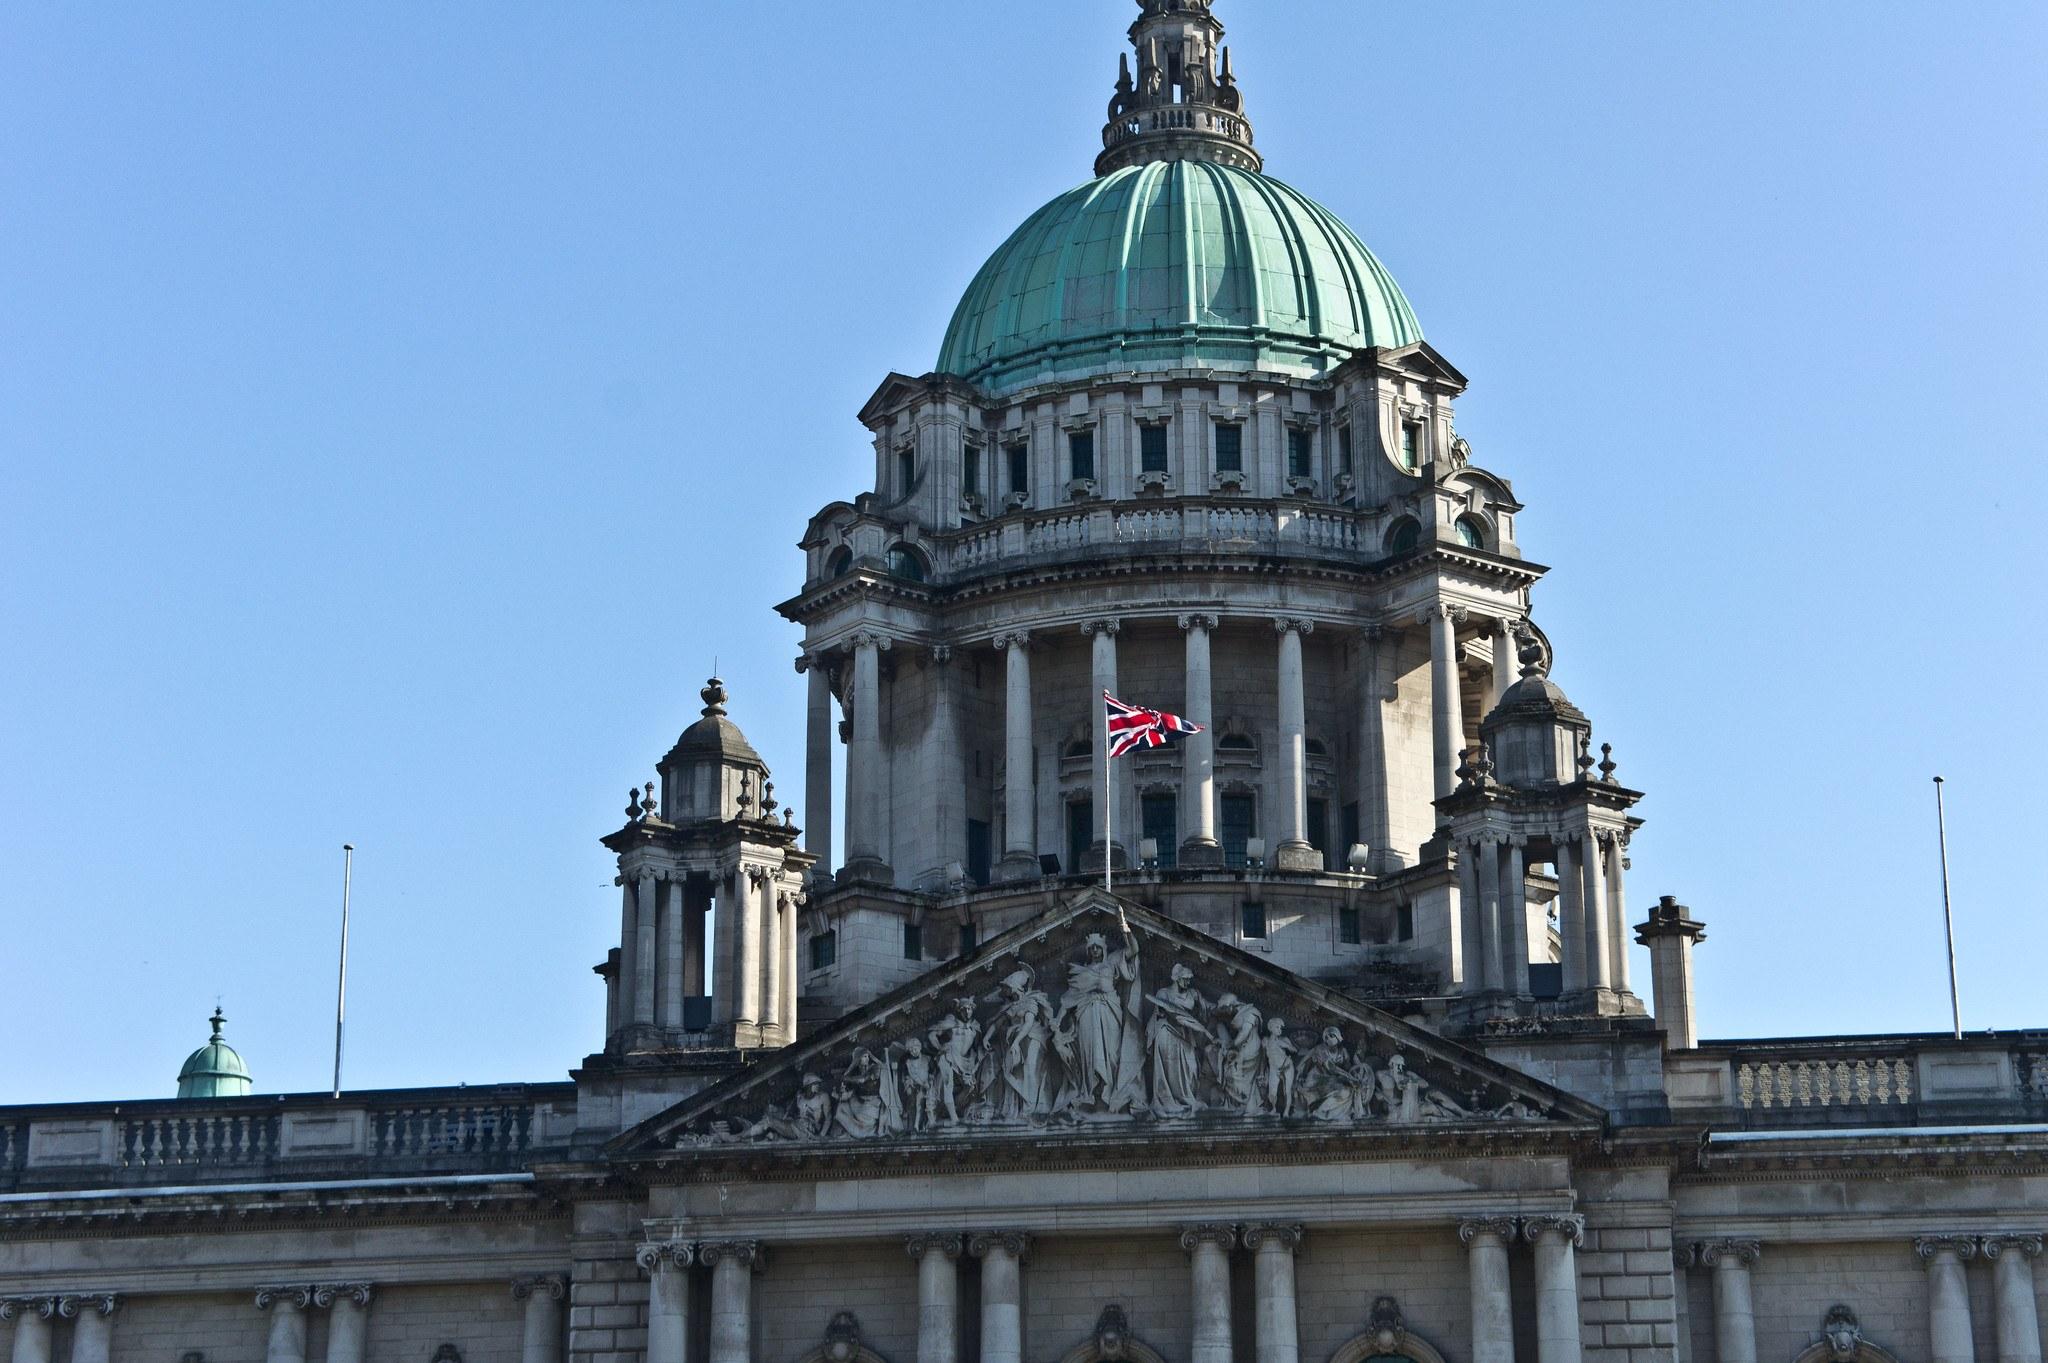 Haus, Gebäude, britische Flagge